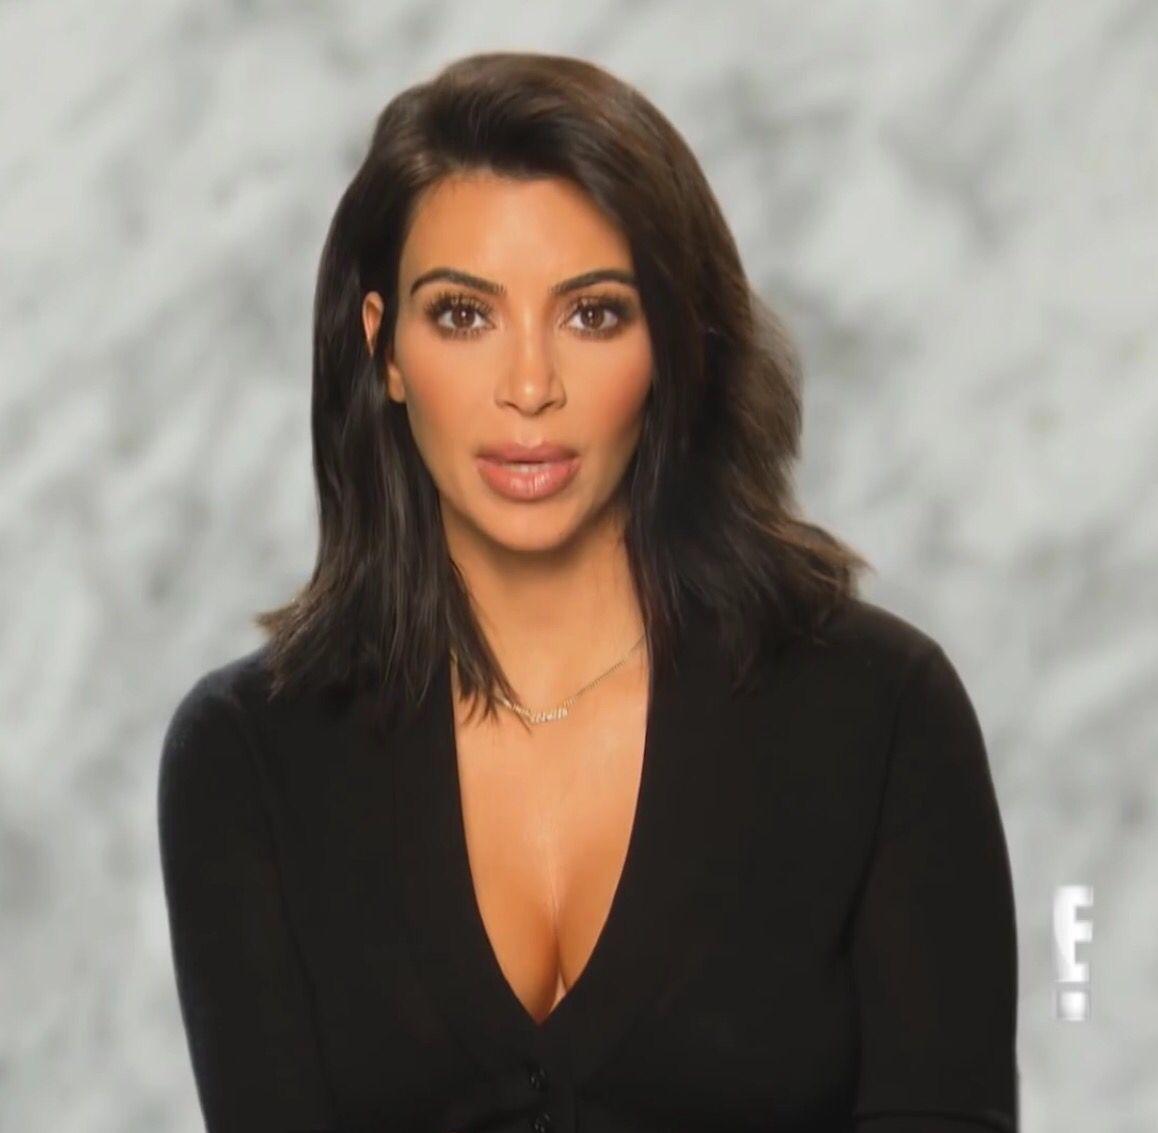 Kim Kardashian Short Hair Makeup Kim Kardashian Hair Kim Kardashian Short Hair Short Hair Makeup